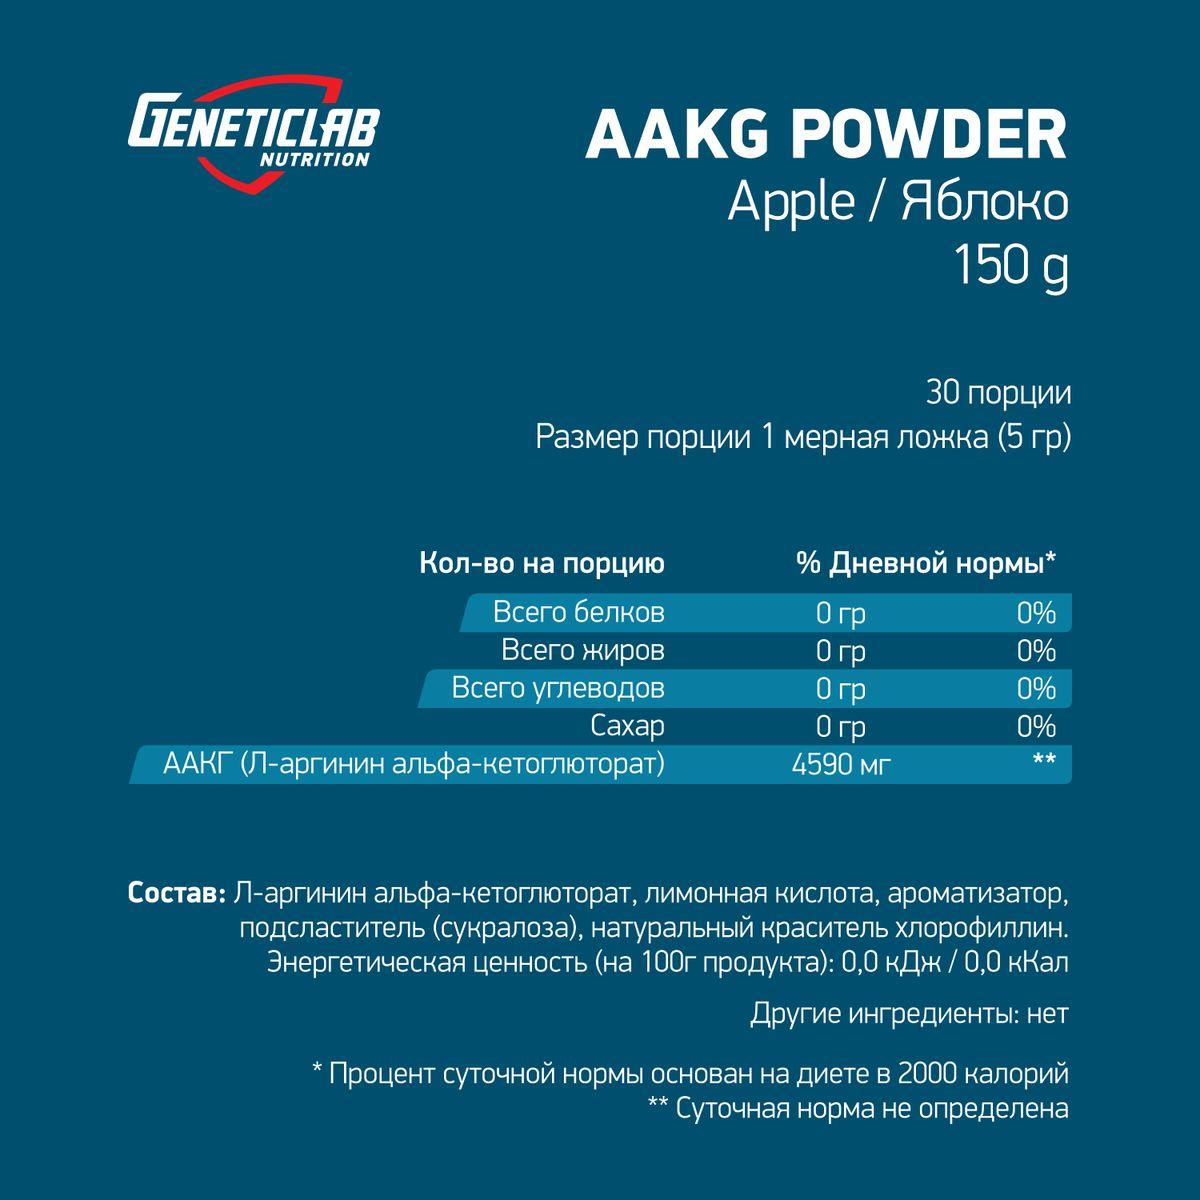 Аргинин Geneticlab AAKG Powder, яблоко, 150 г4156744Аргинин играет важную роль в делении мышечных клеток, восстановлении мышц после тренировок, заживлении травм, удалении шлаков, иммунной системе, а также увеличивает продукцию гормона роста.